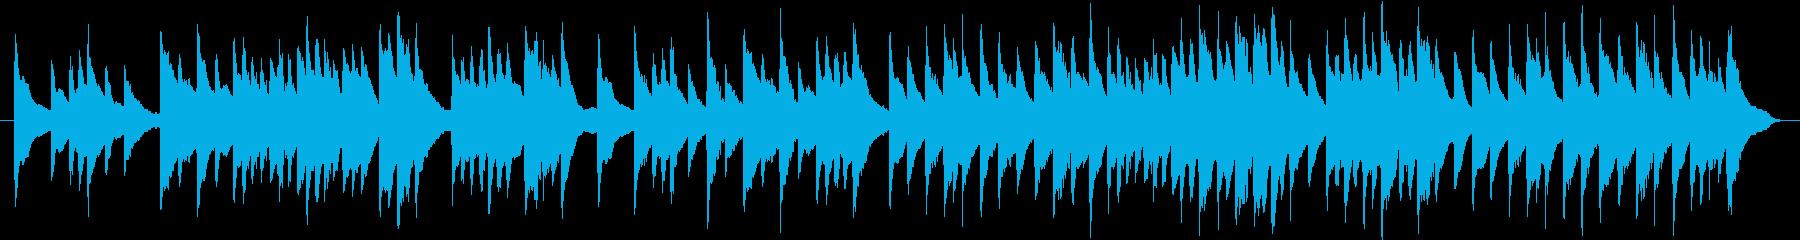 お正月の曲「お正月」(琴)の再生済みの波形